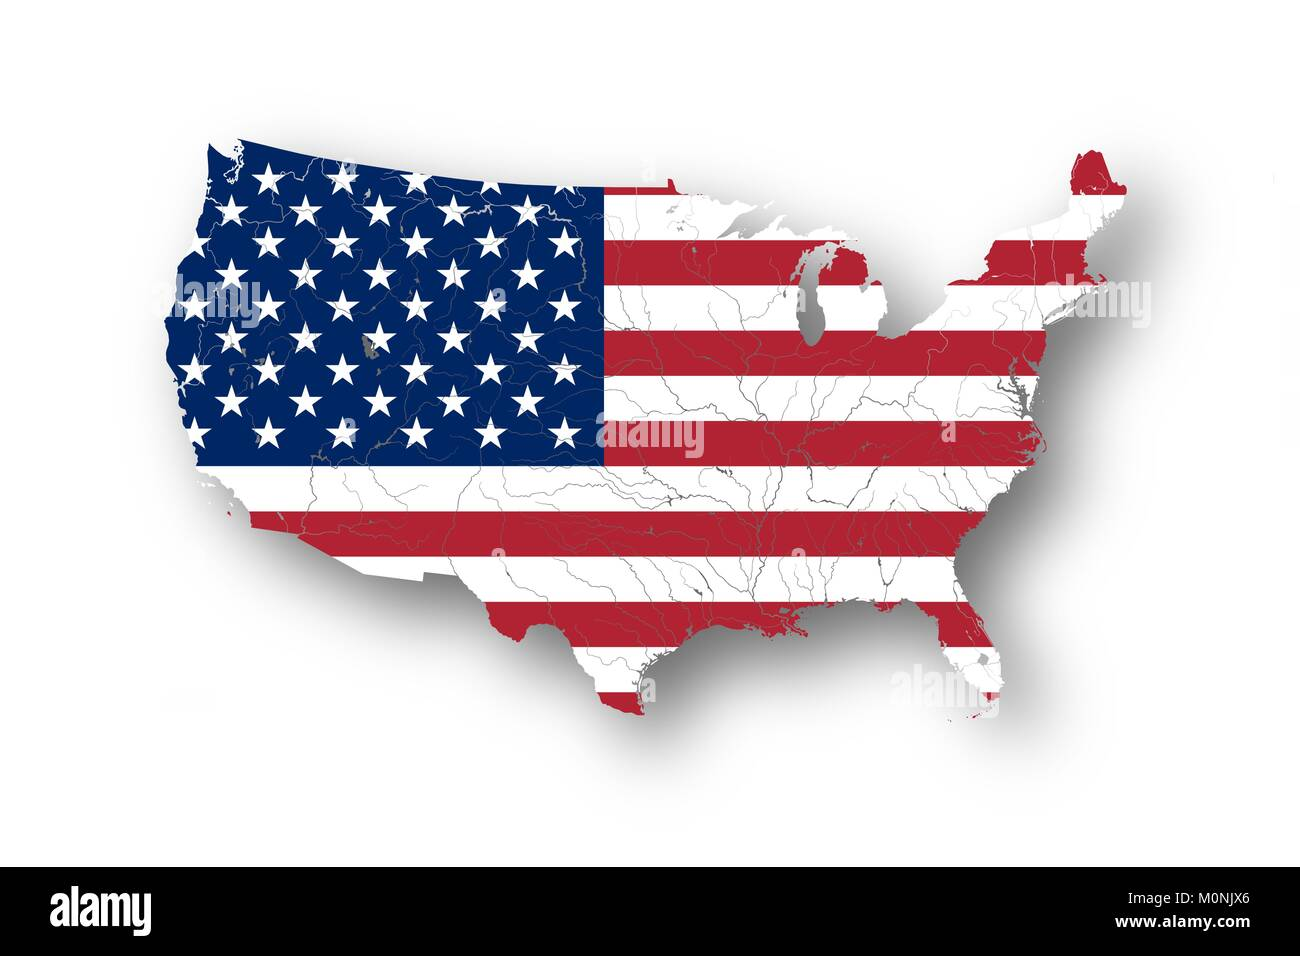 Fein Amerikanische Flagge Färbung Seite Bilder - Malvorlagen-Ideen ...